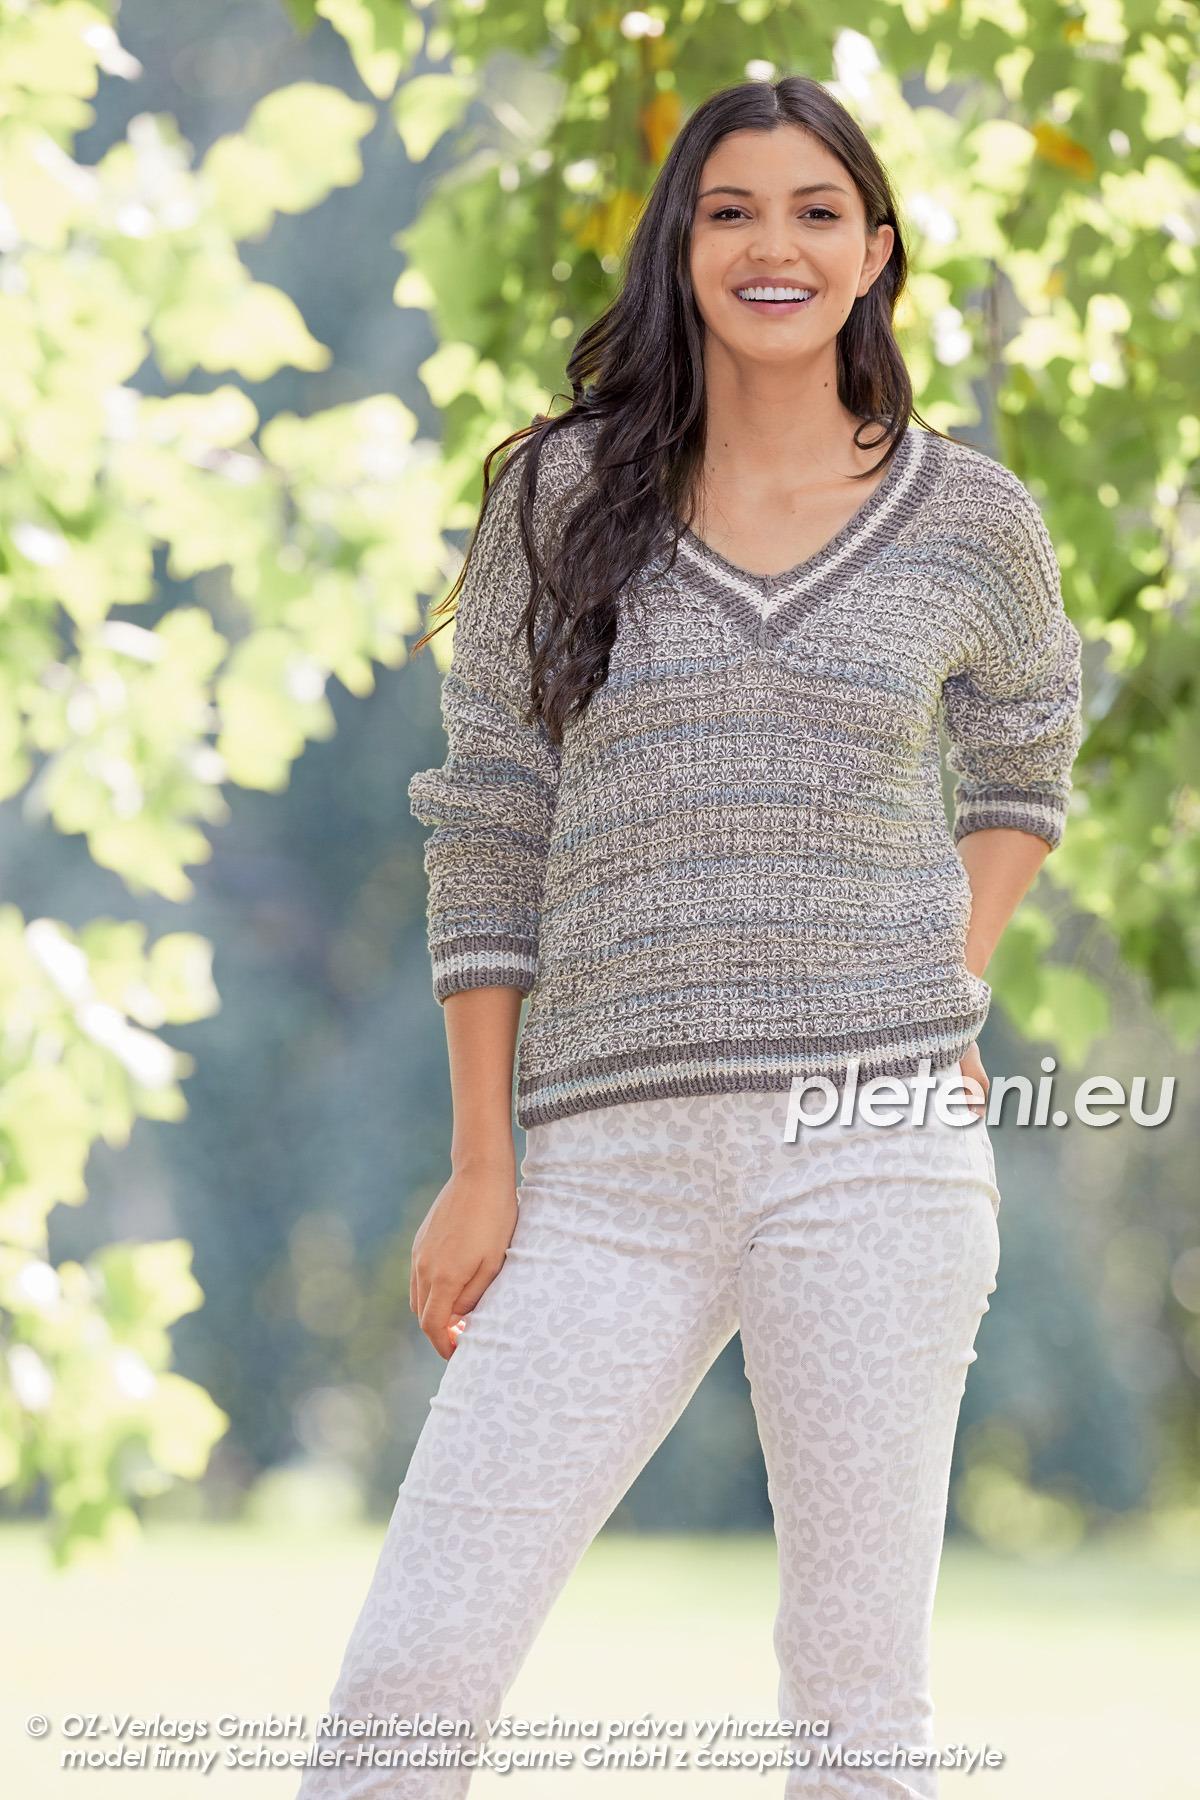 2020-L-20 pletený dámský svetr z příze Bio Cotton značky Austermann